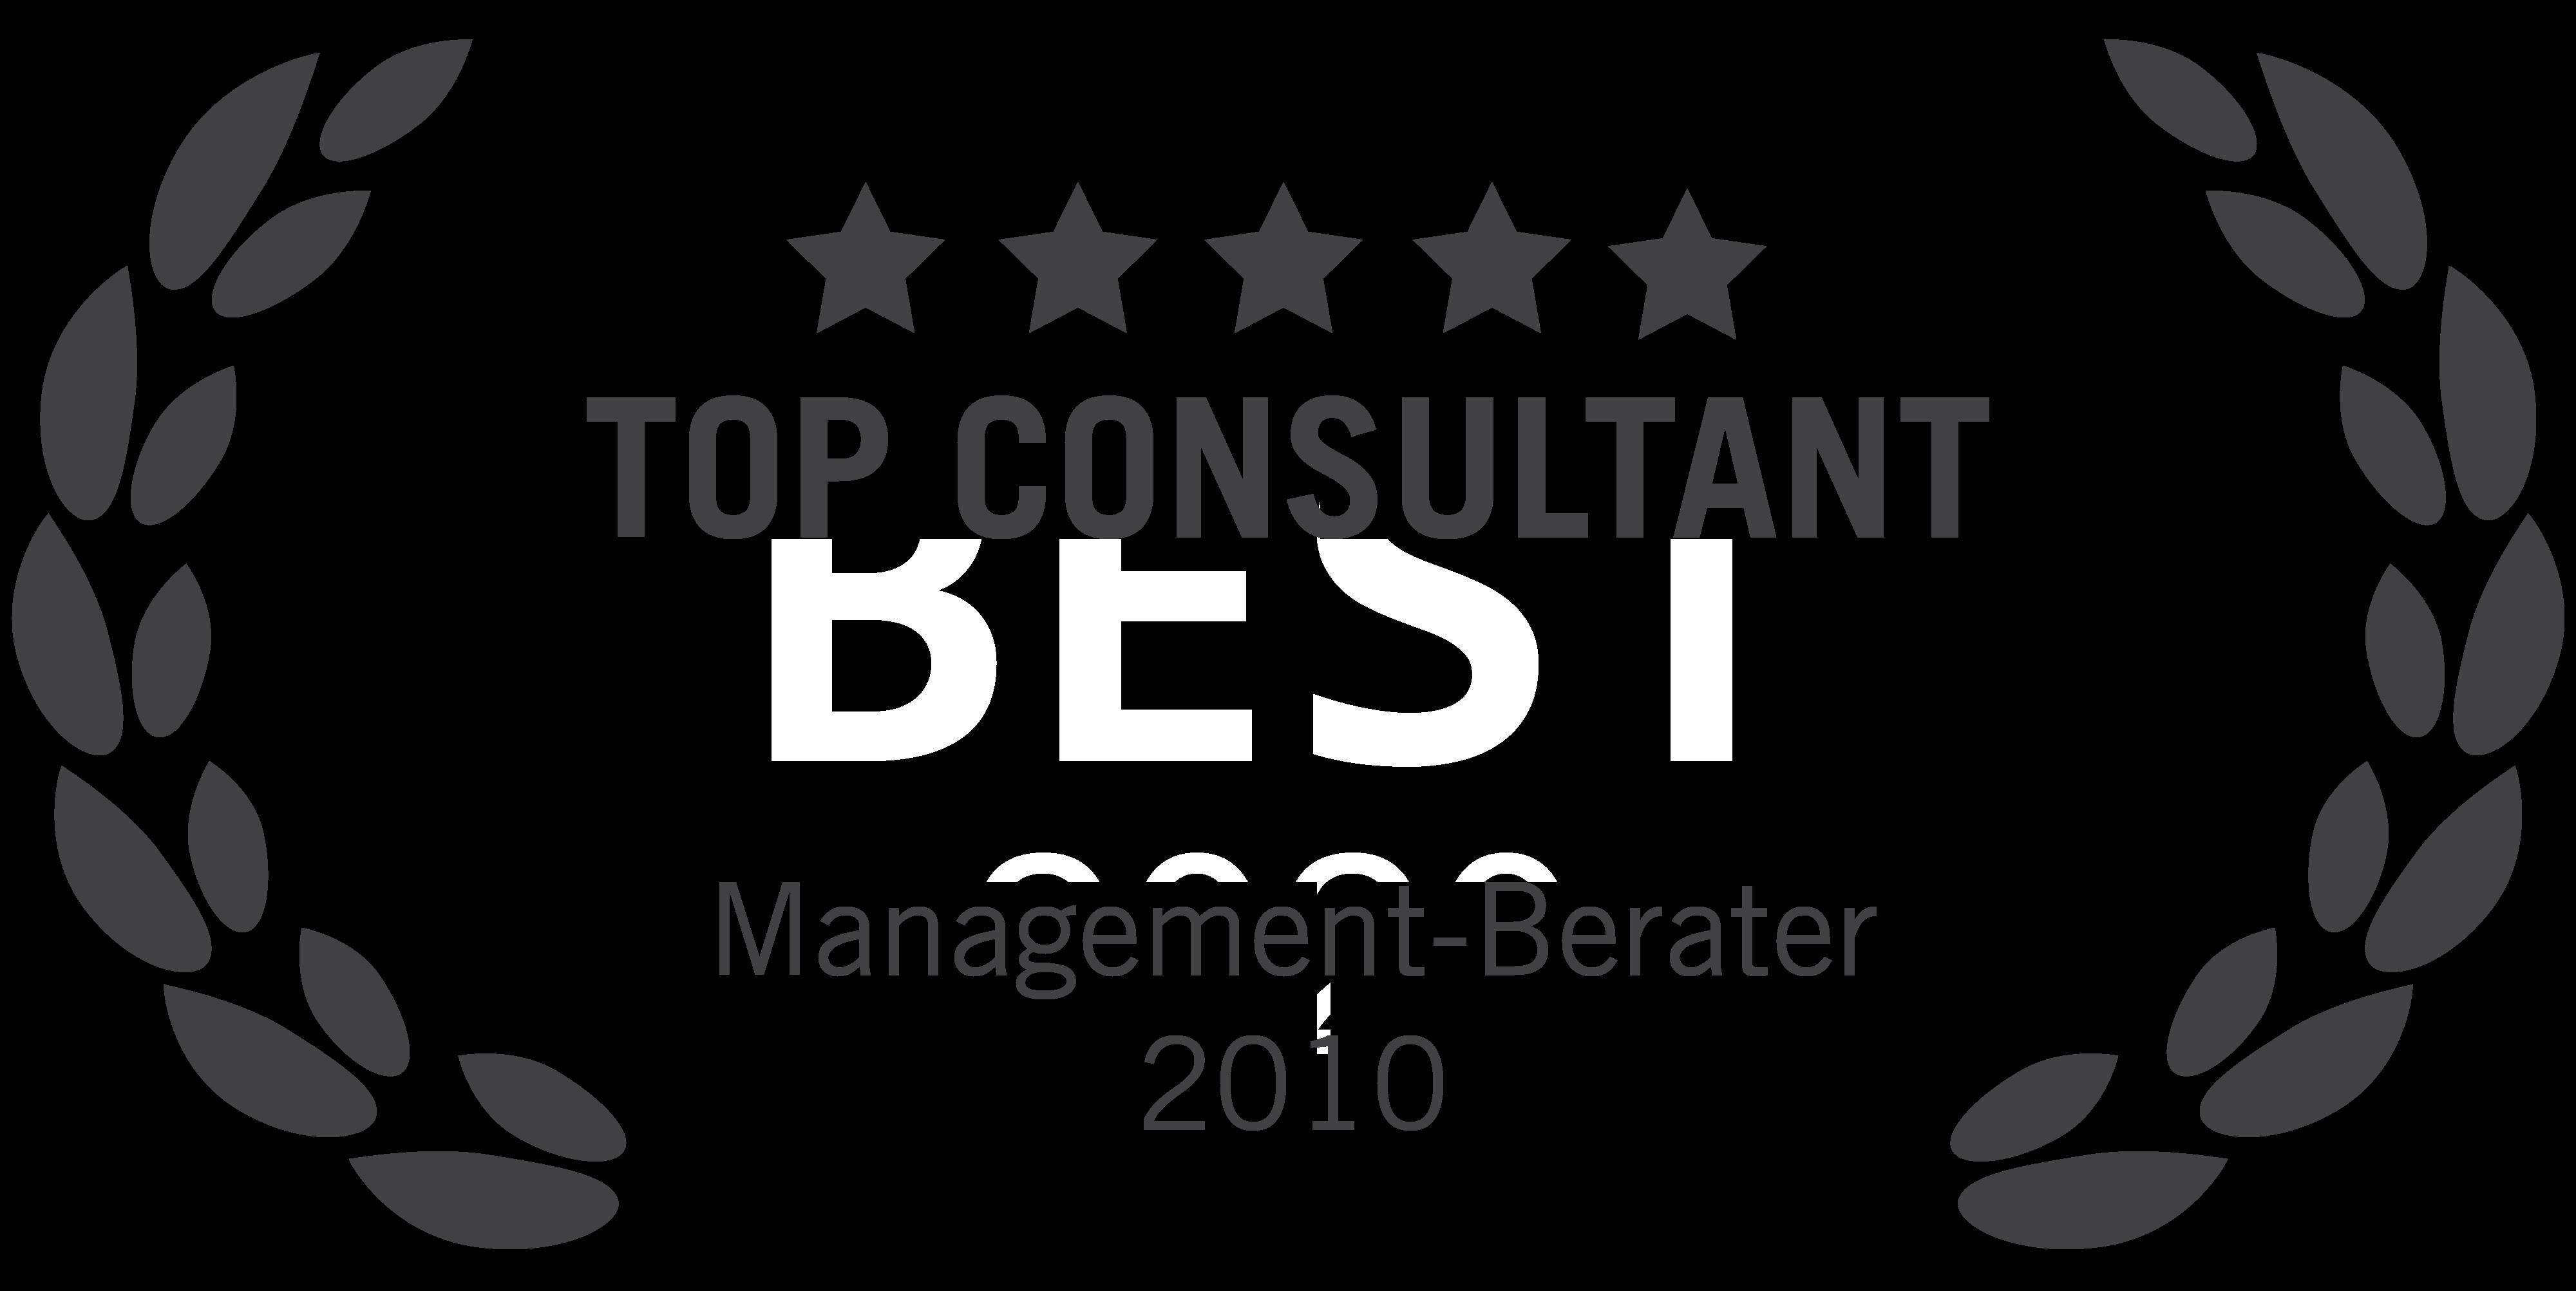 blueforte wurde gleich zweifach als TOP CONSULTANT 2010 ausgezeichnet. Der Beratervergleich hat das Unternehmen in den Kategorien IT-Beratung und Management-Beratung mit dem Qualitätssiegel ausgezeichnet.